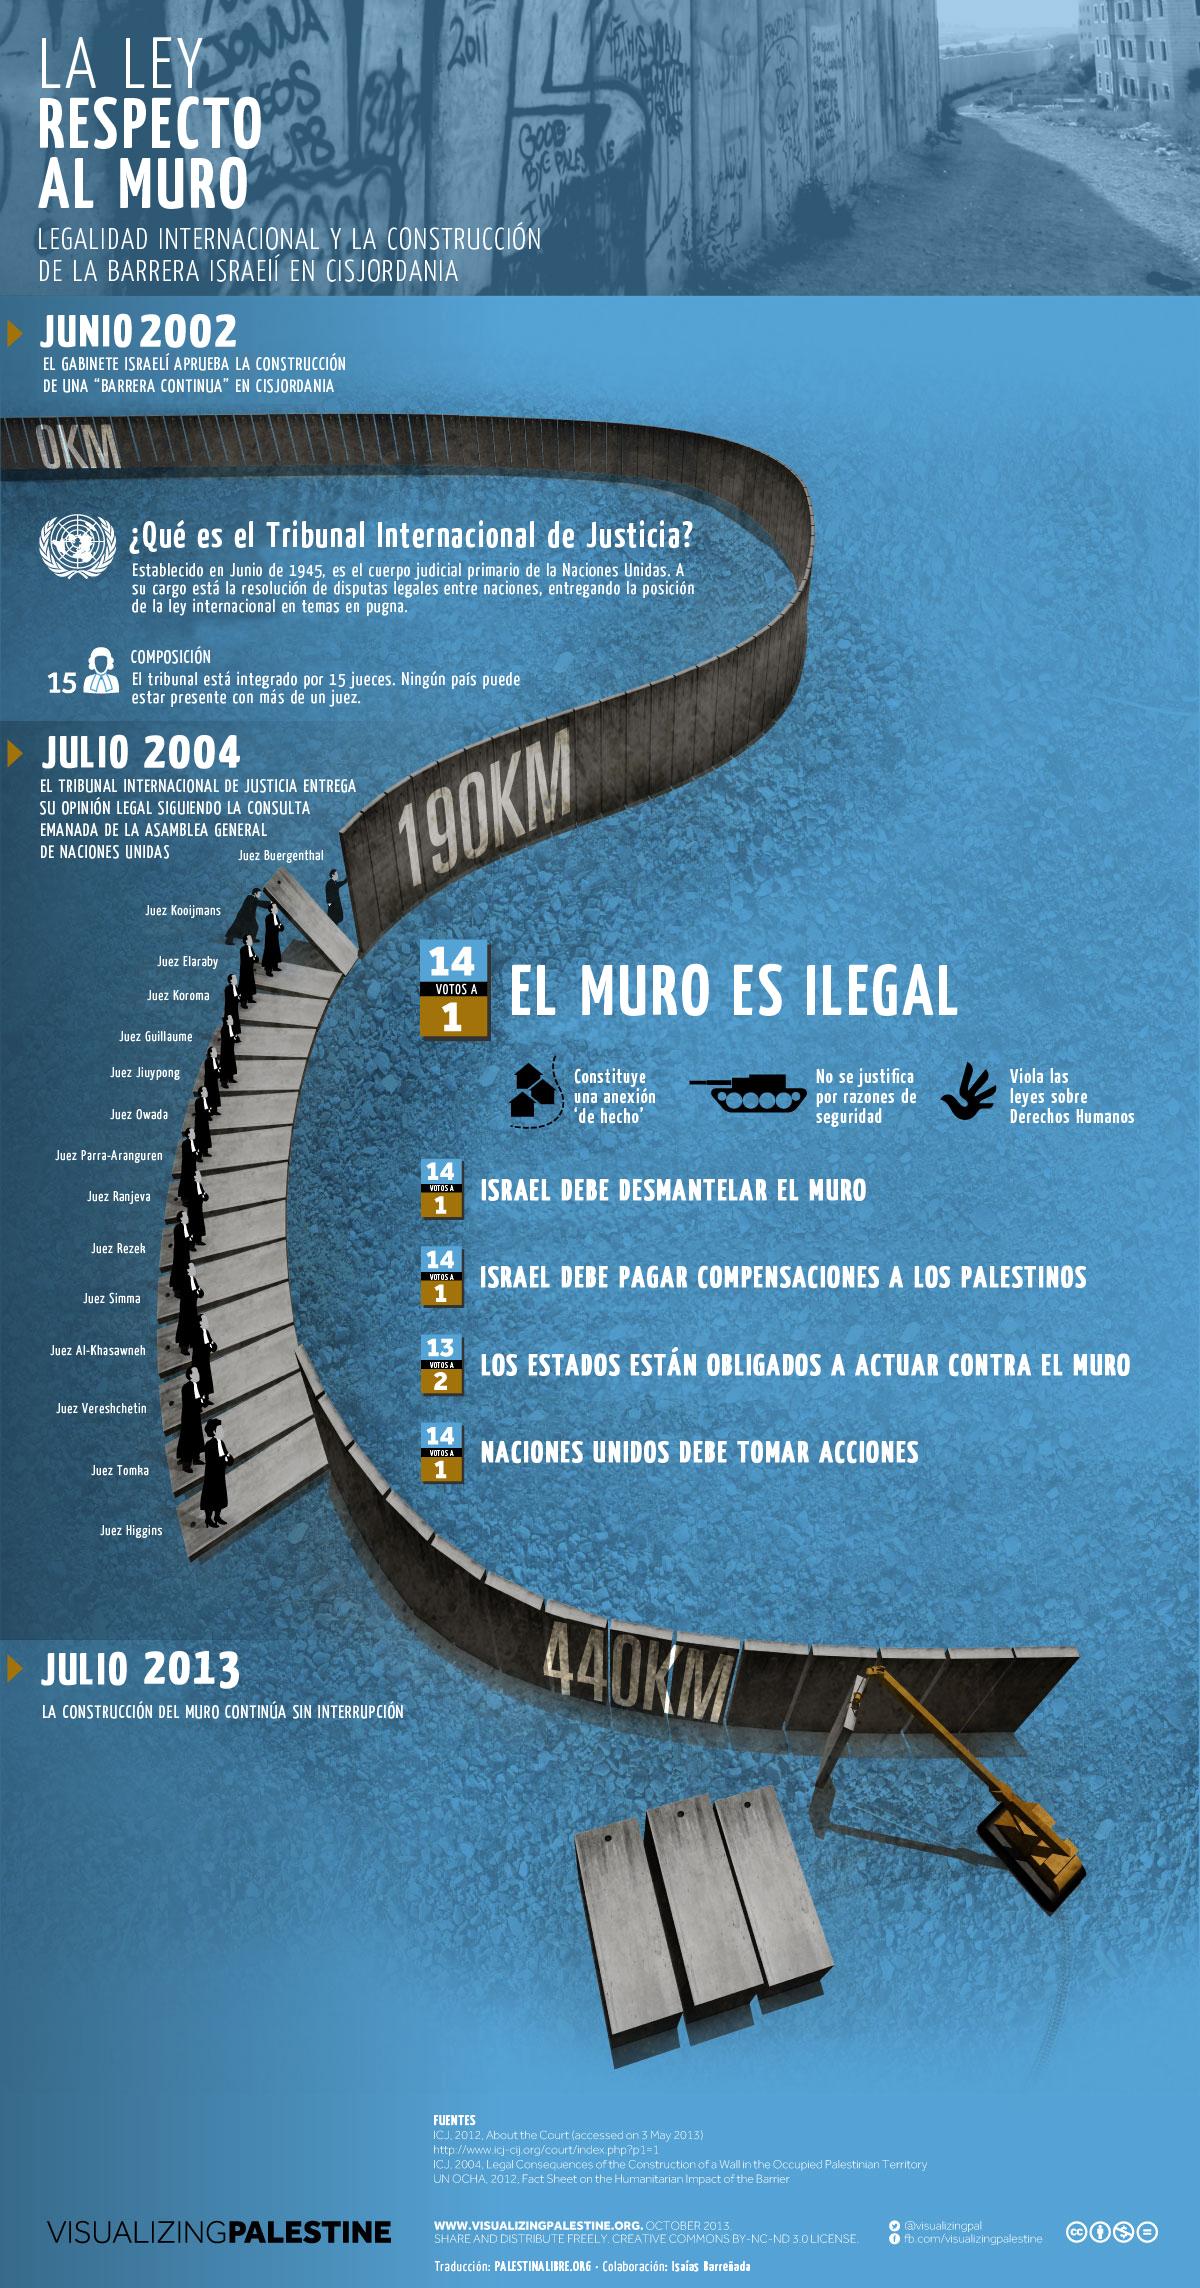 Infografía sobre la legalidad internacional y el Muro israelí de Apartheid elaborada por Visualizing Palestine y traducida por PalestinaLibre.org